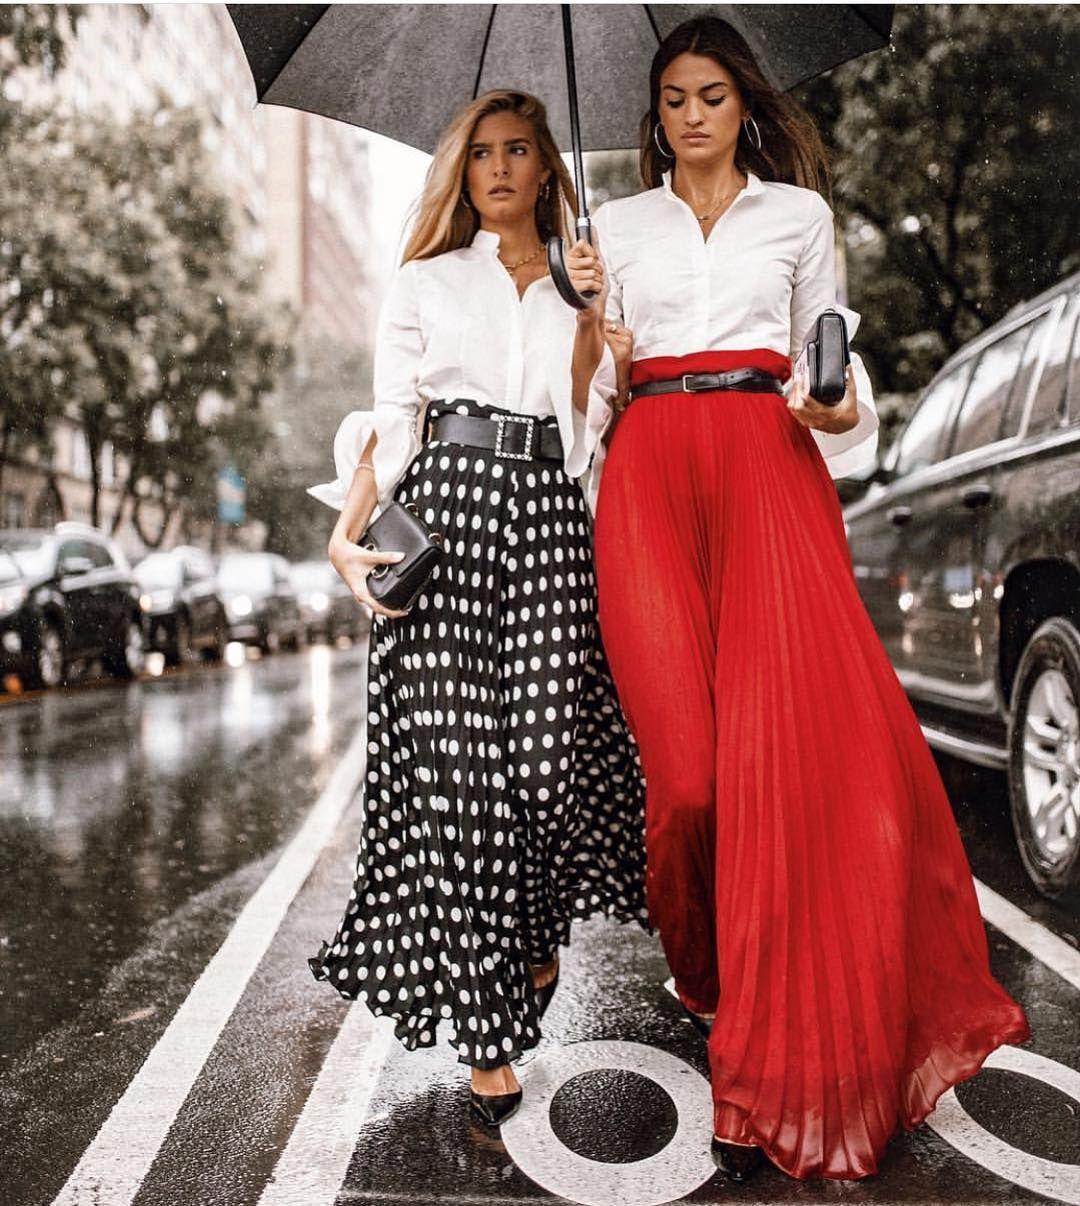 6b2e5611ce ¡Qué elegante es una camisa blanca con cualquier falda! Me encanta este  tipo de look para invitada ❤ 🖤 Espectaculares  teresaandresgonzalvo…